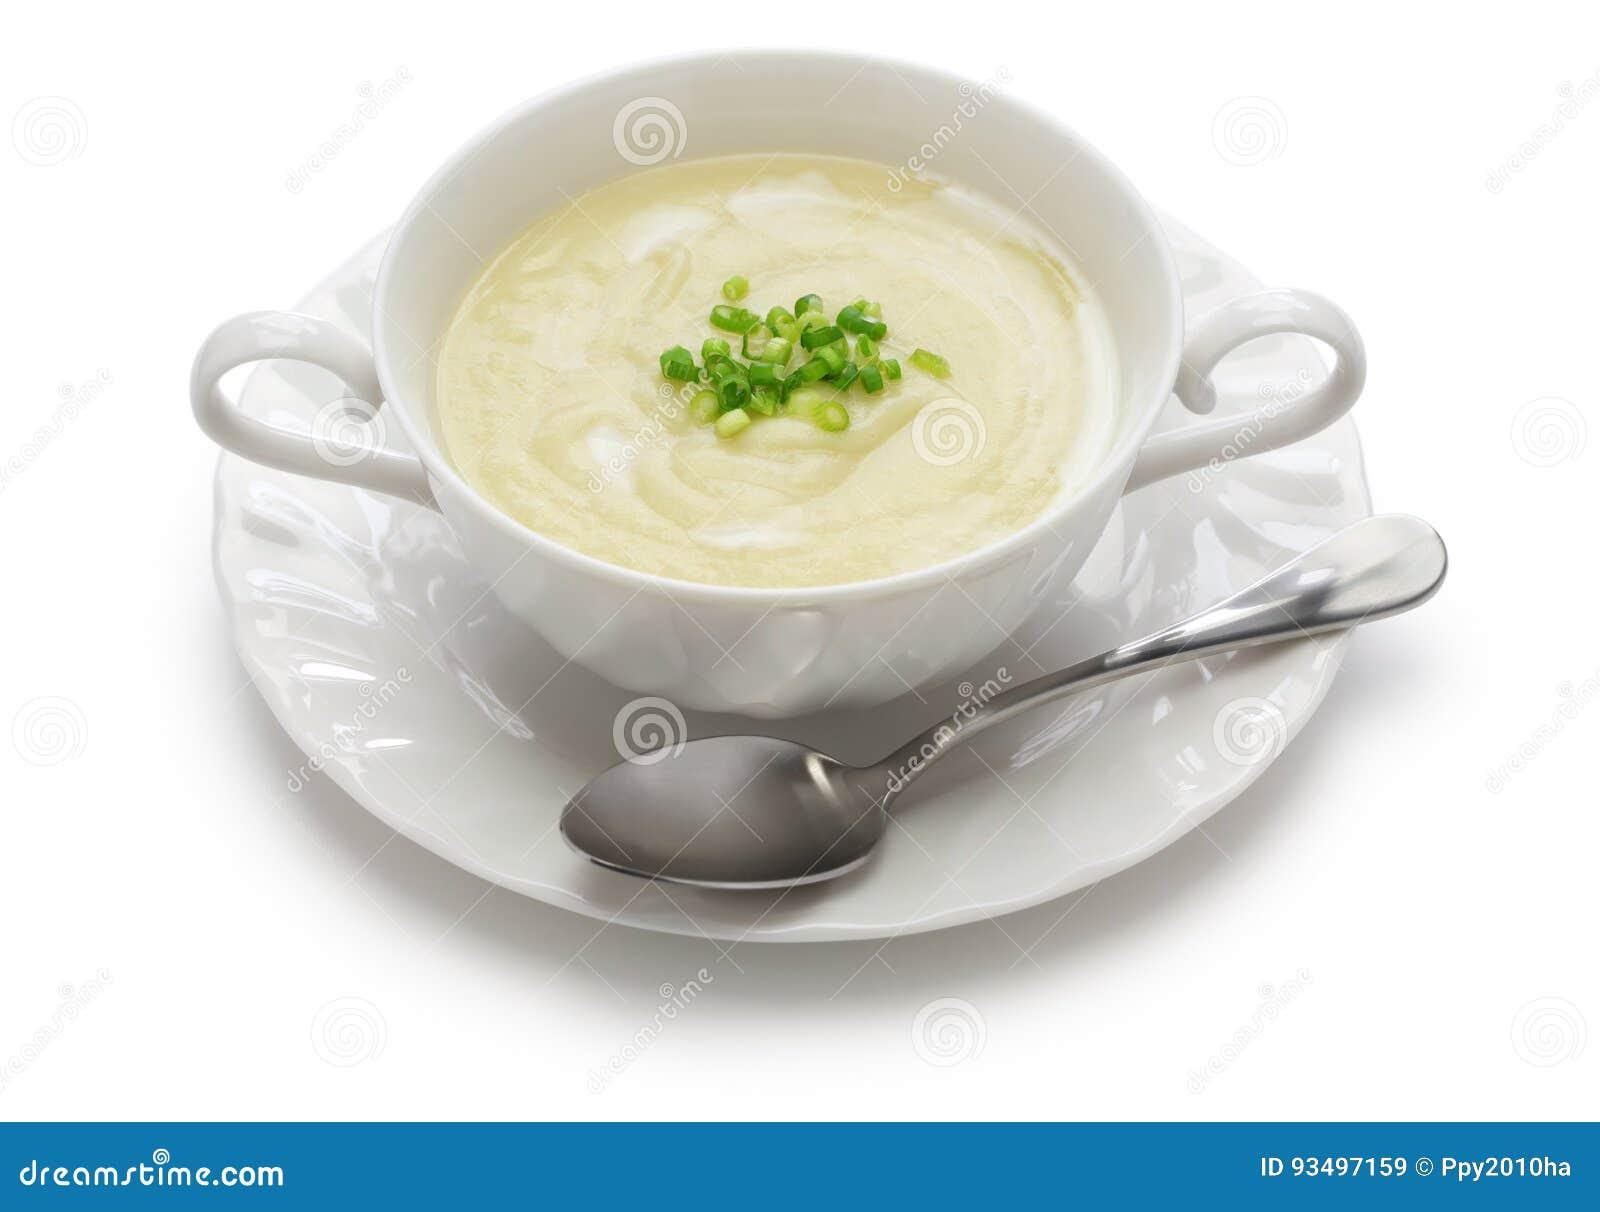 Kalte Sommerküche : Vichyssoise kalte kartoffelsuppe stockbild bild von bestandteil